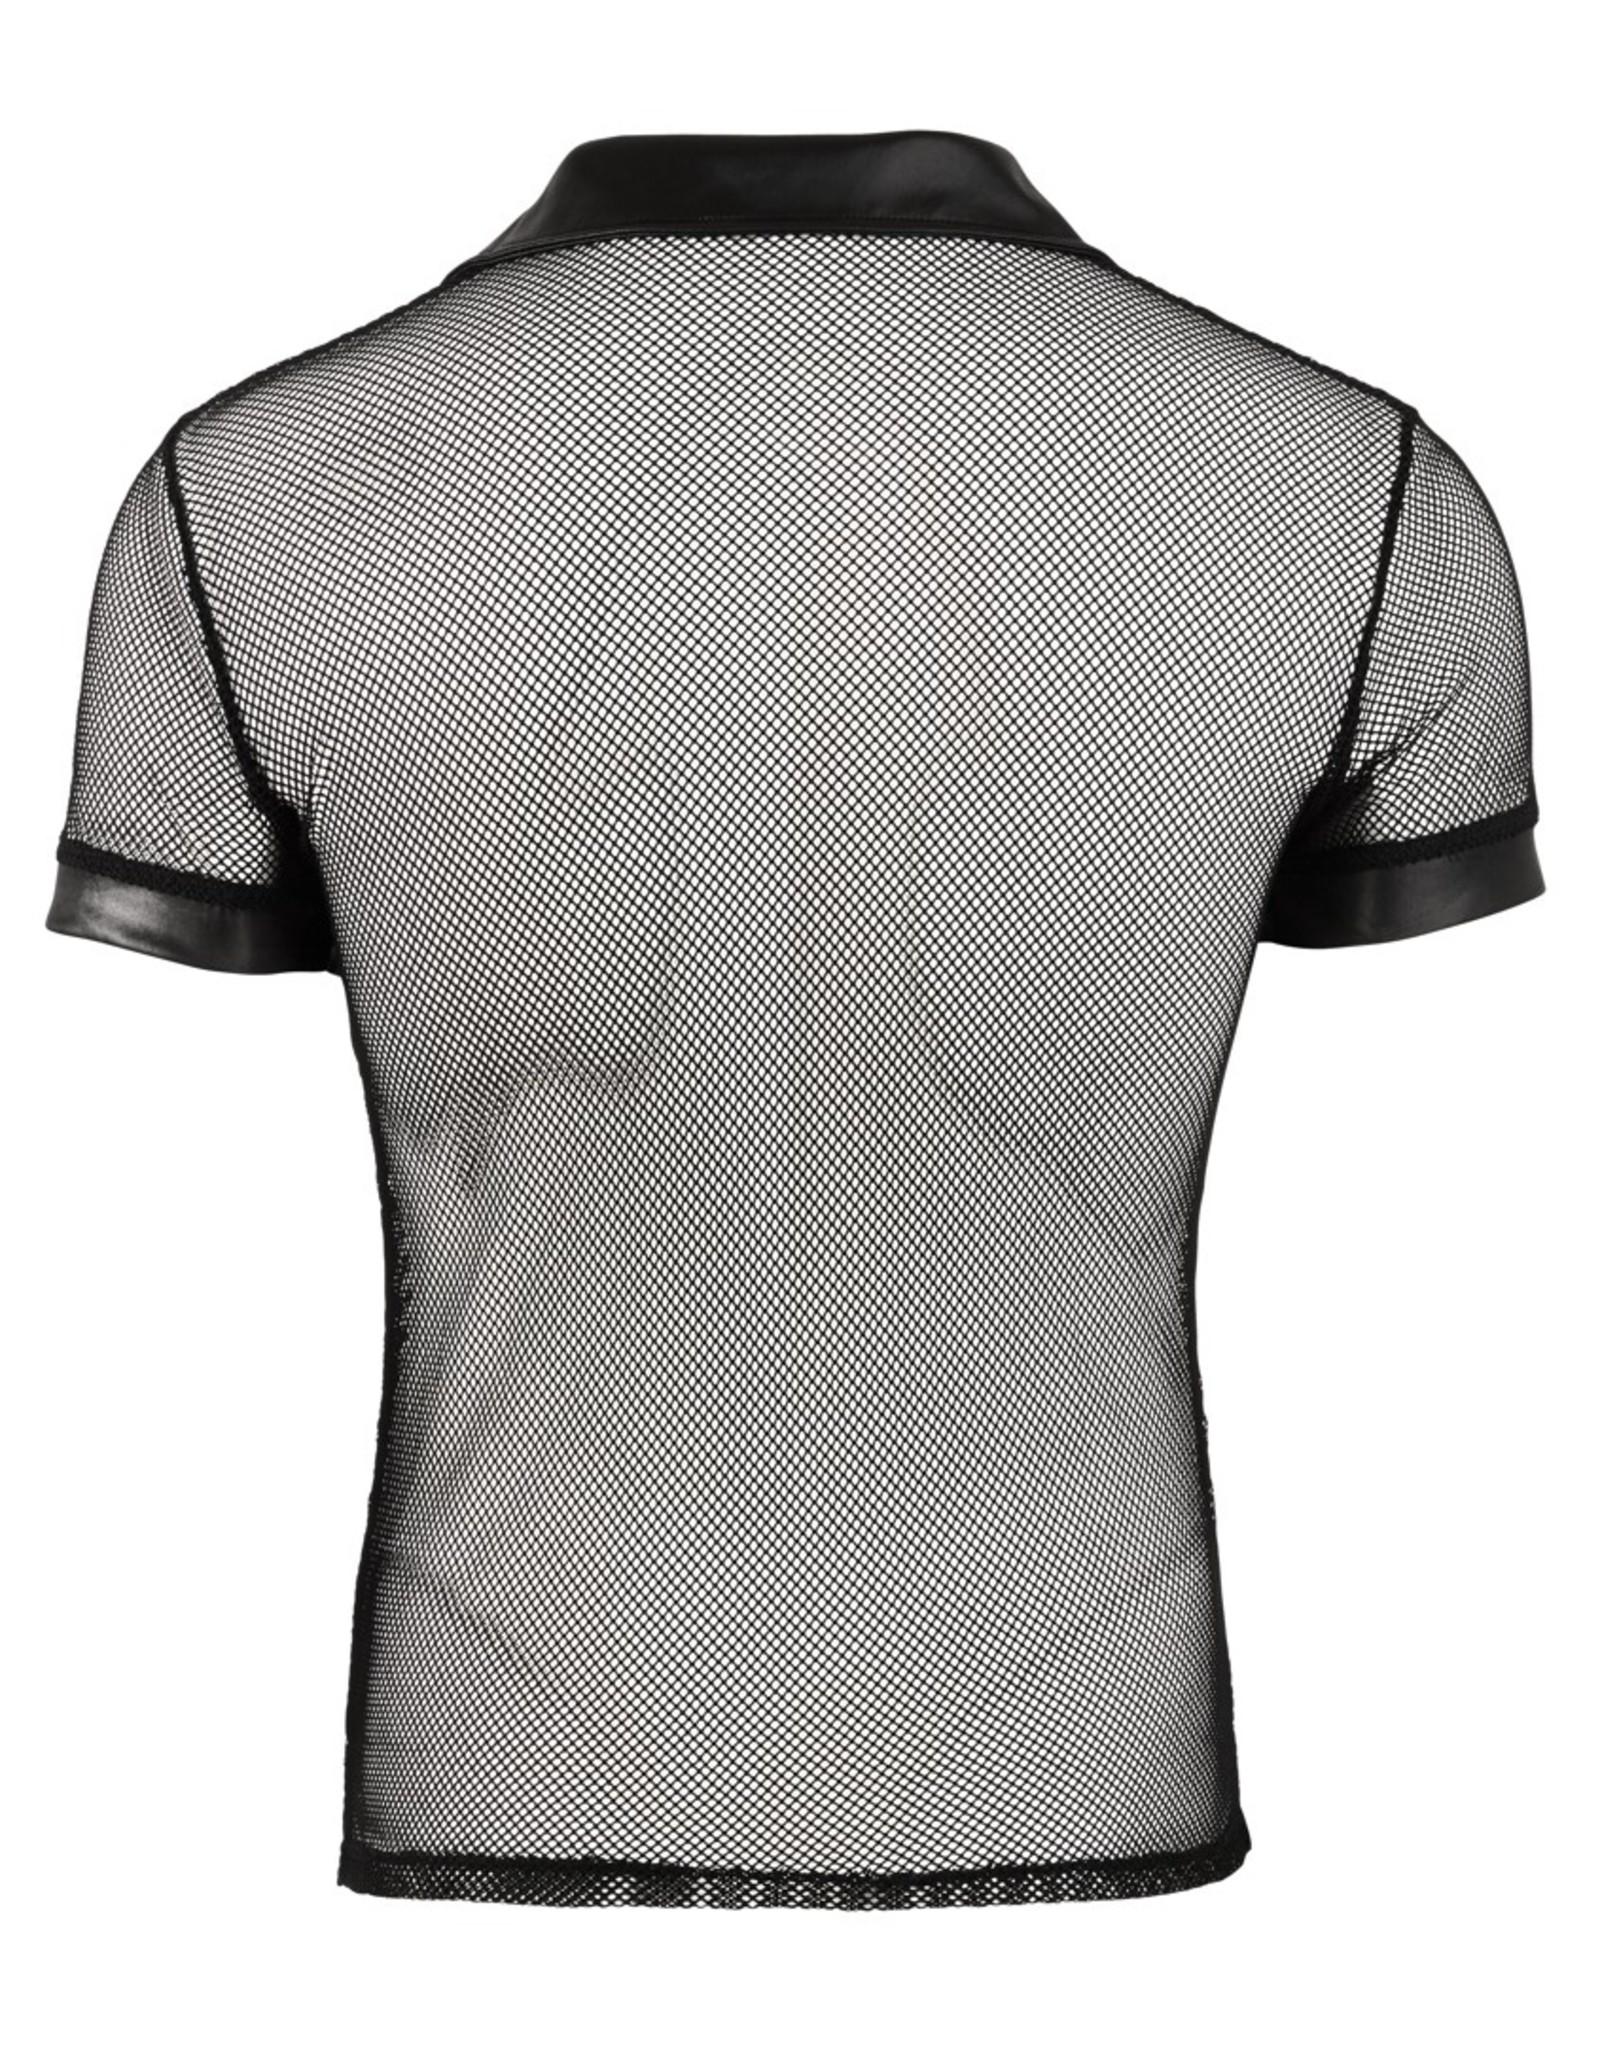 Svenjoyment Net shirt met kraag